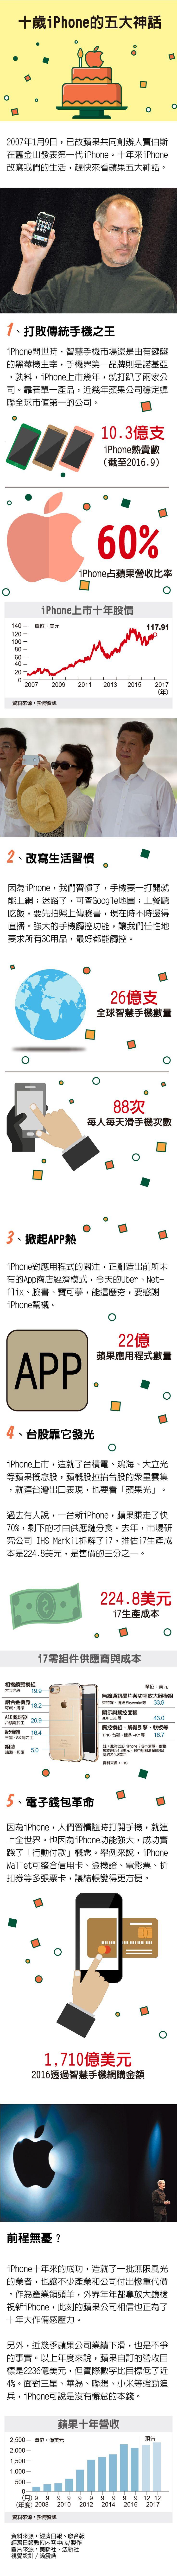 2007年1月9日,已故蘋果共同創辦人賈伯斯在舊金山發表第一代iPhone。十年來,iPhone大幅改寫我們的生活面,趕快來看蘋果的五大神話。